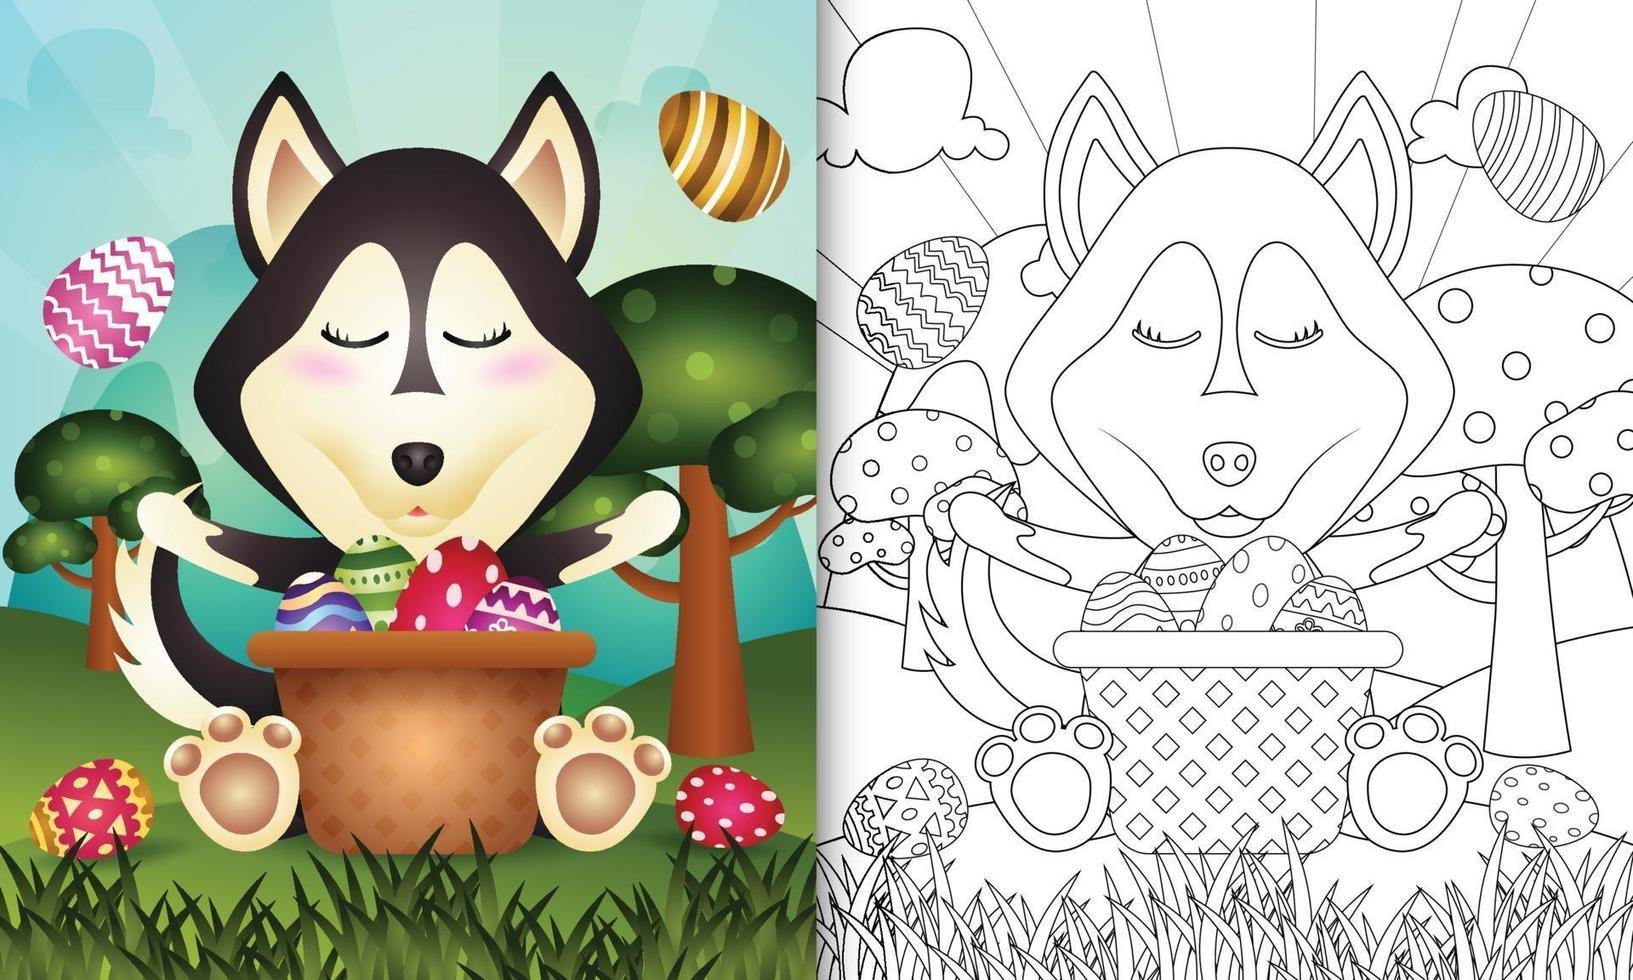 livro de colorir para crianças com tema feliz dia de Páscoa com ilustração de um lindo cão husky no ovo balde vetor